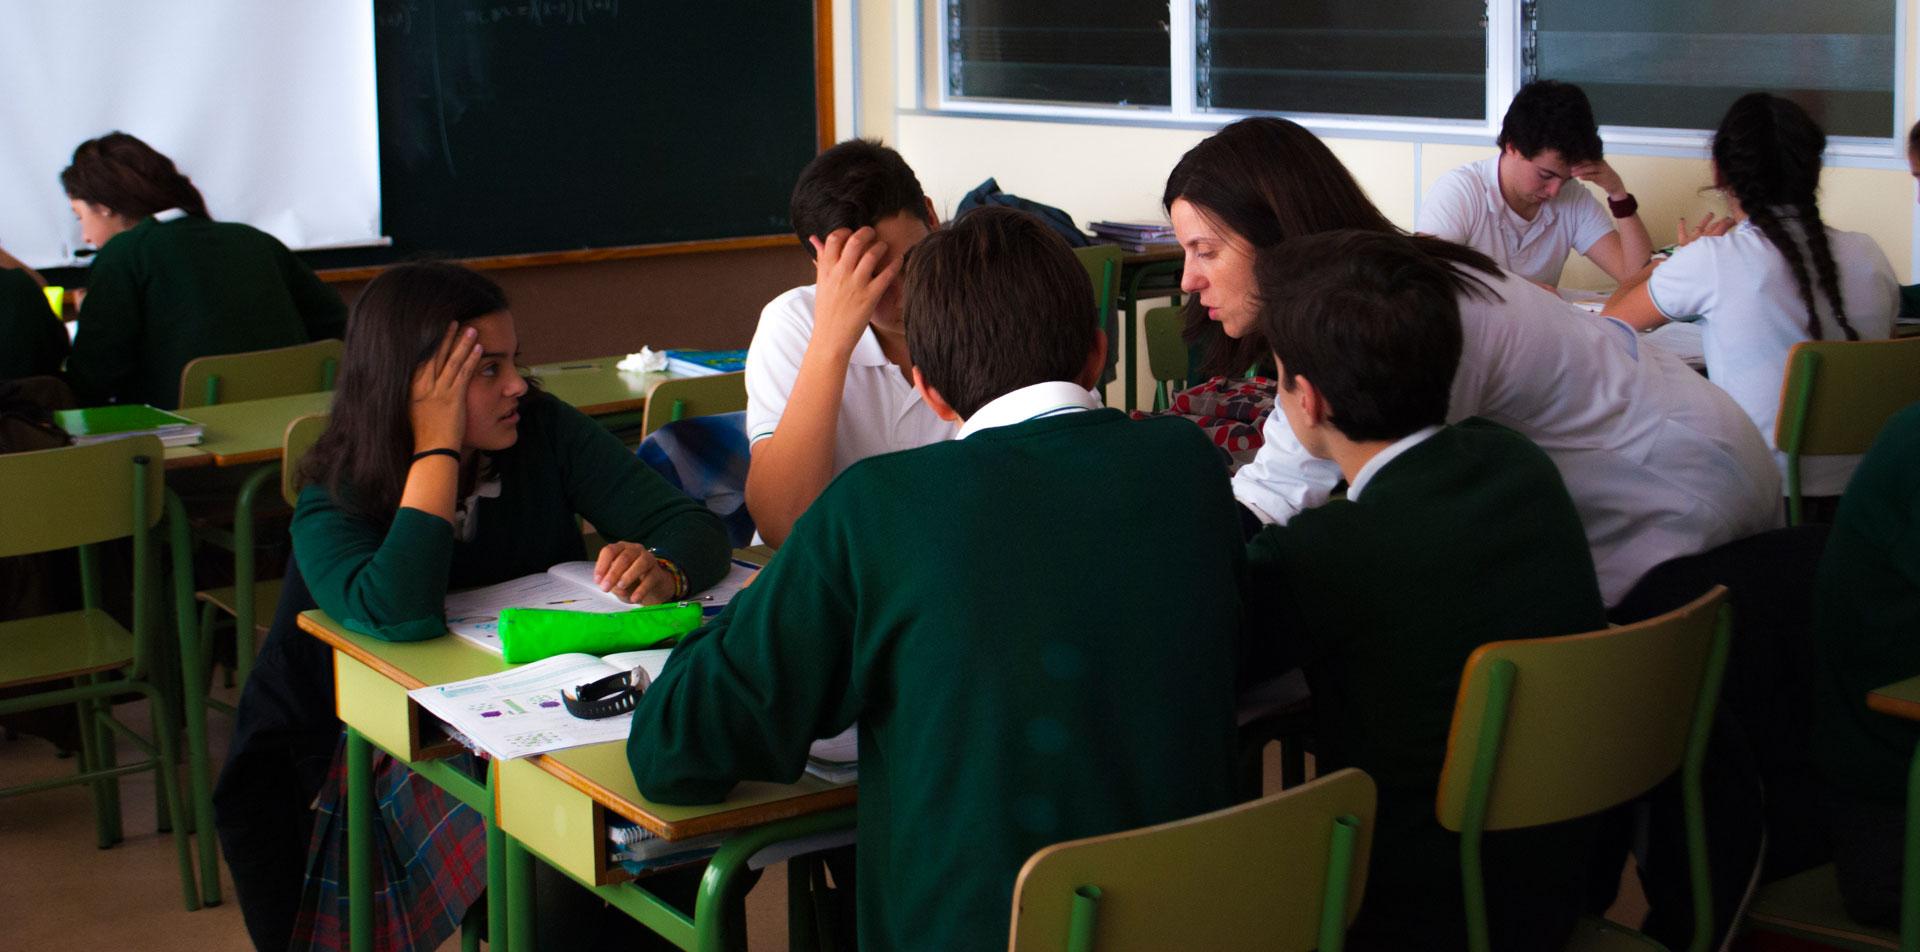 Aprendizaje Cooperativo Colegio Maria Virgen Madrid